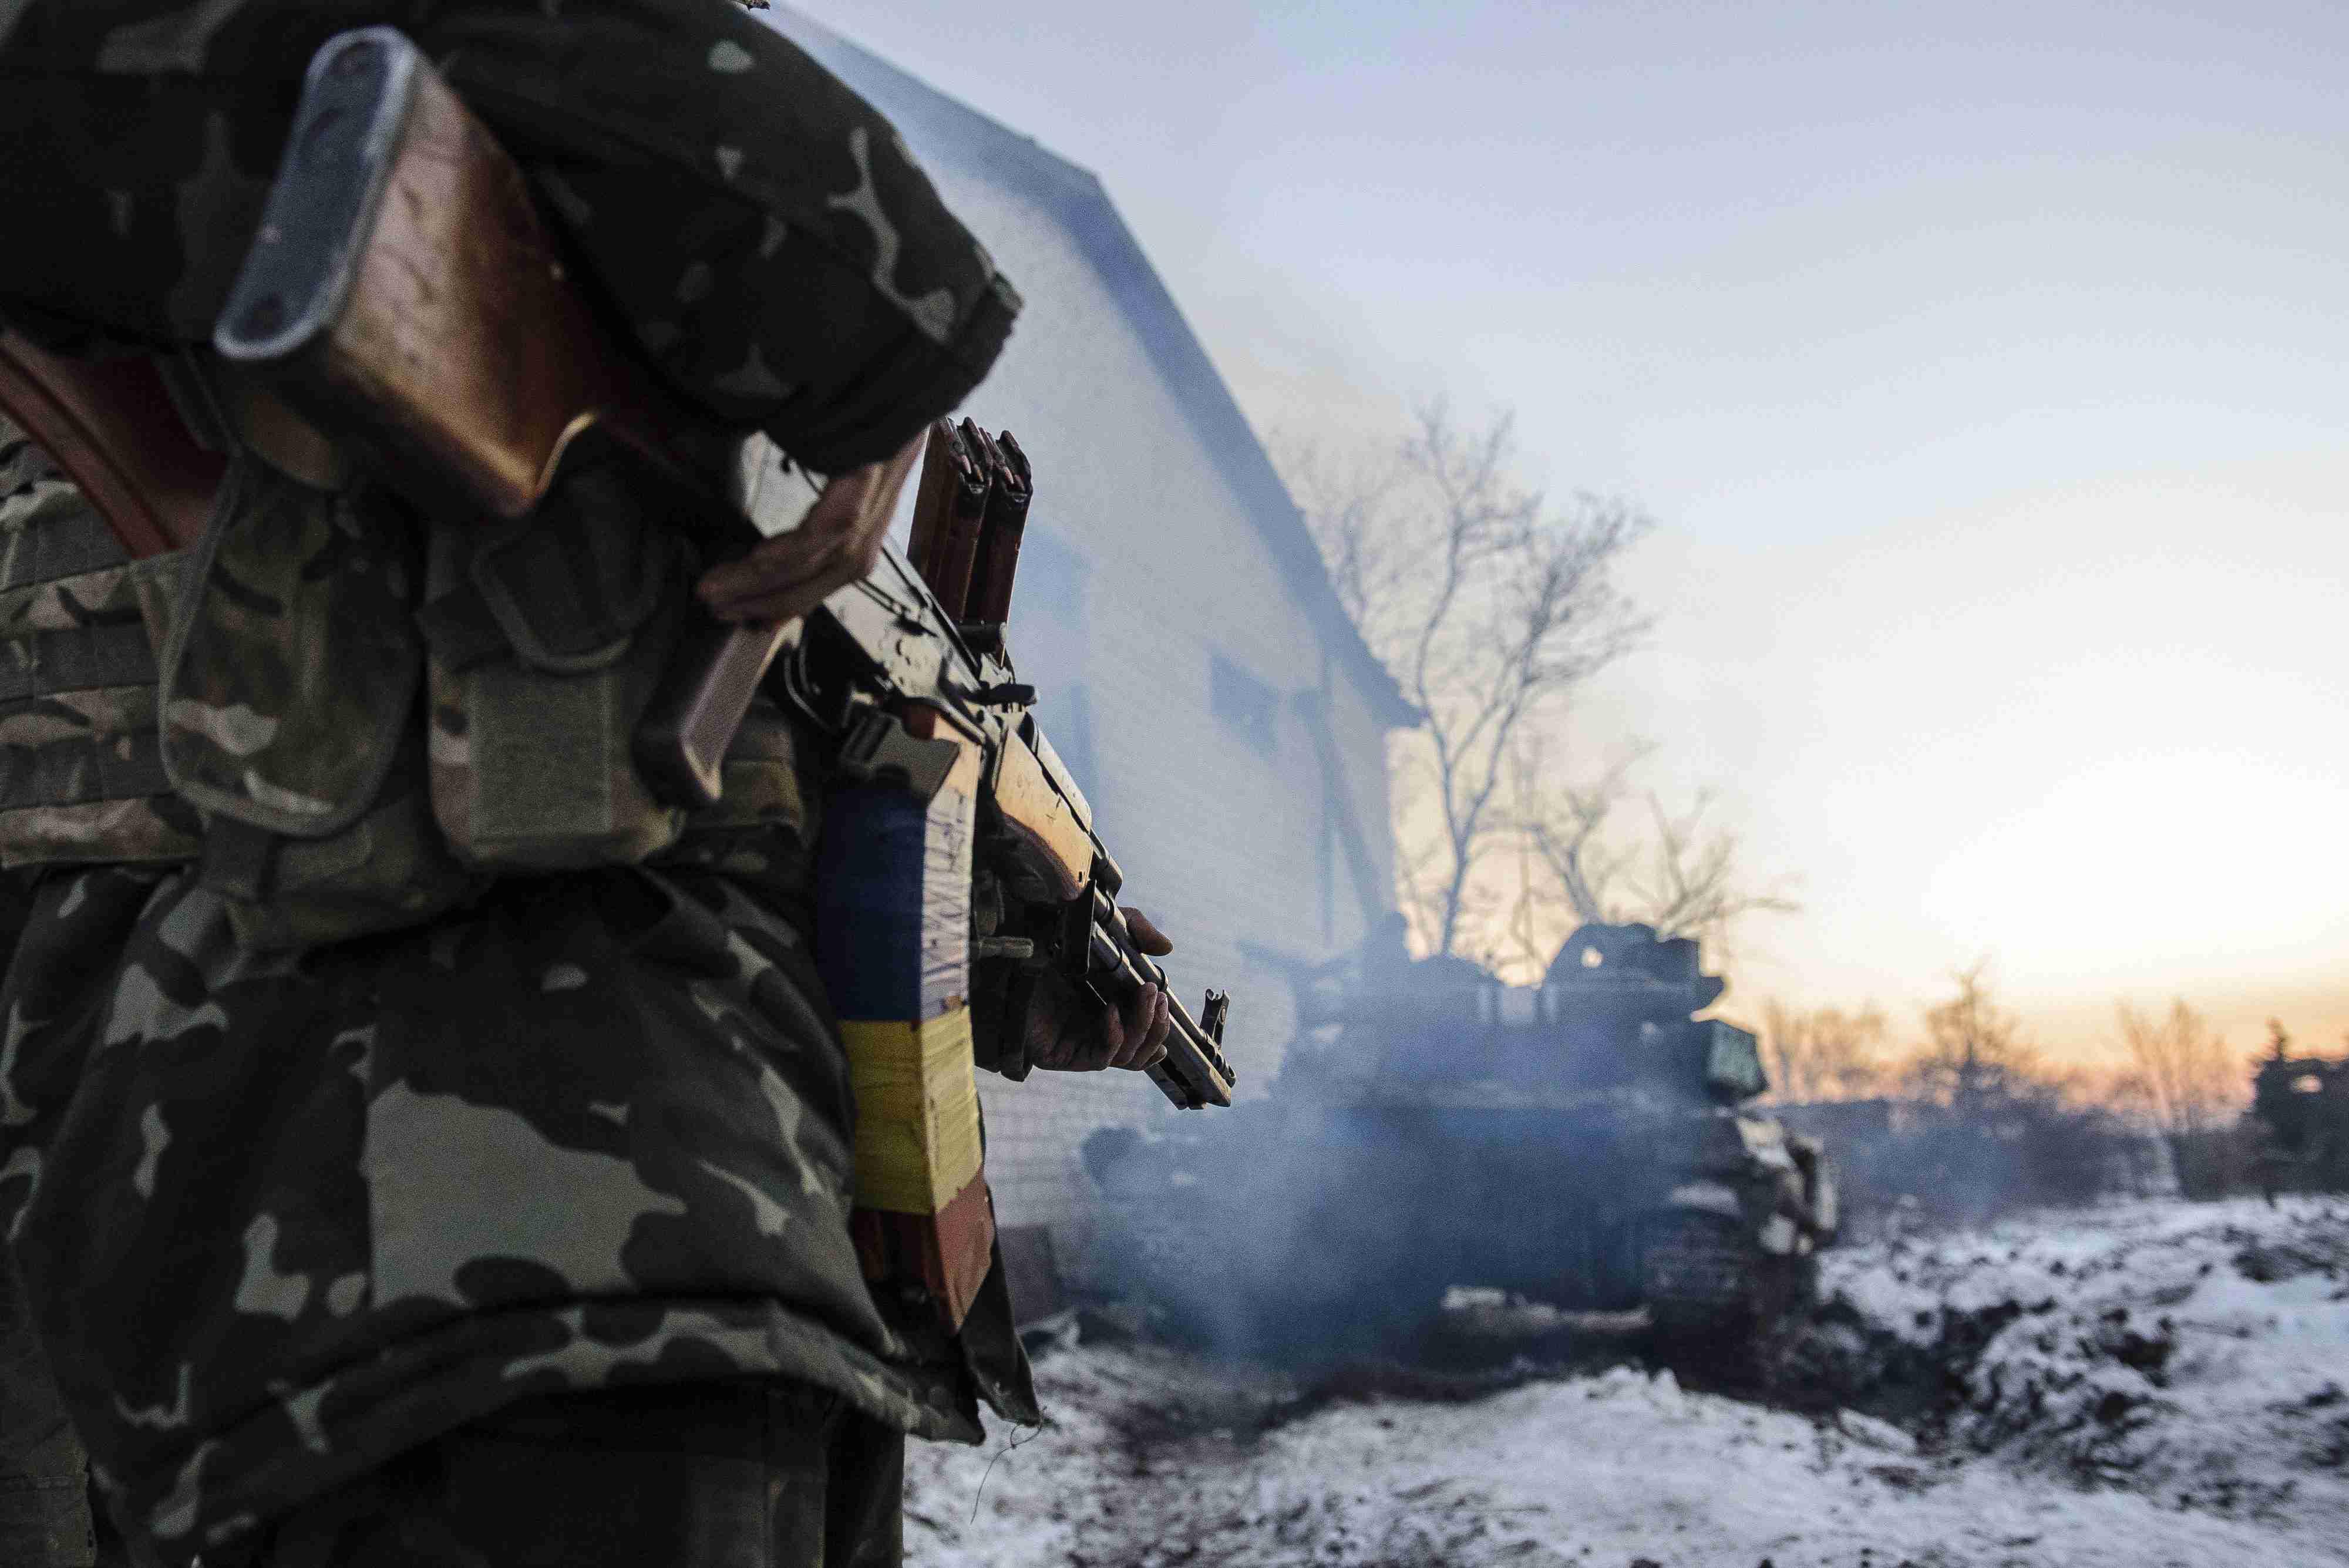 ДНР: ВСУкраины 13 раз засутки нарушили режим предотвращения огня